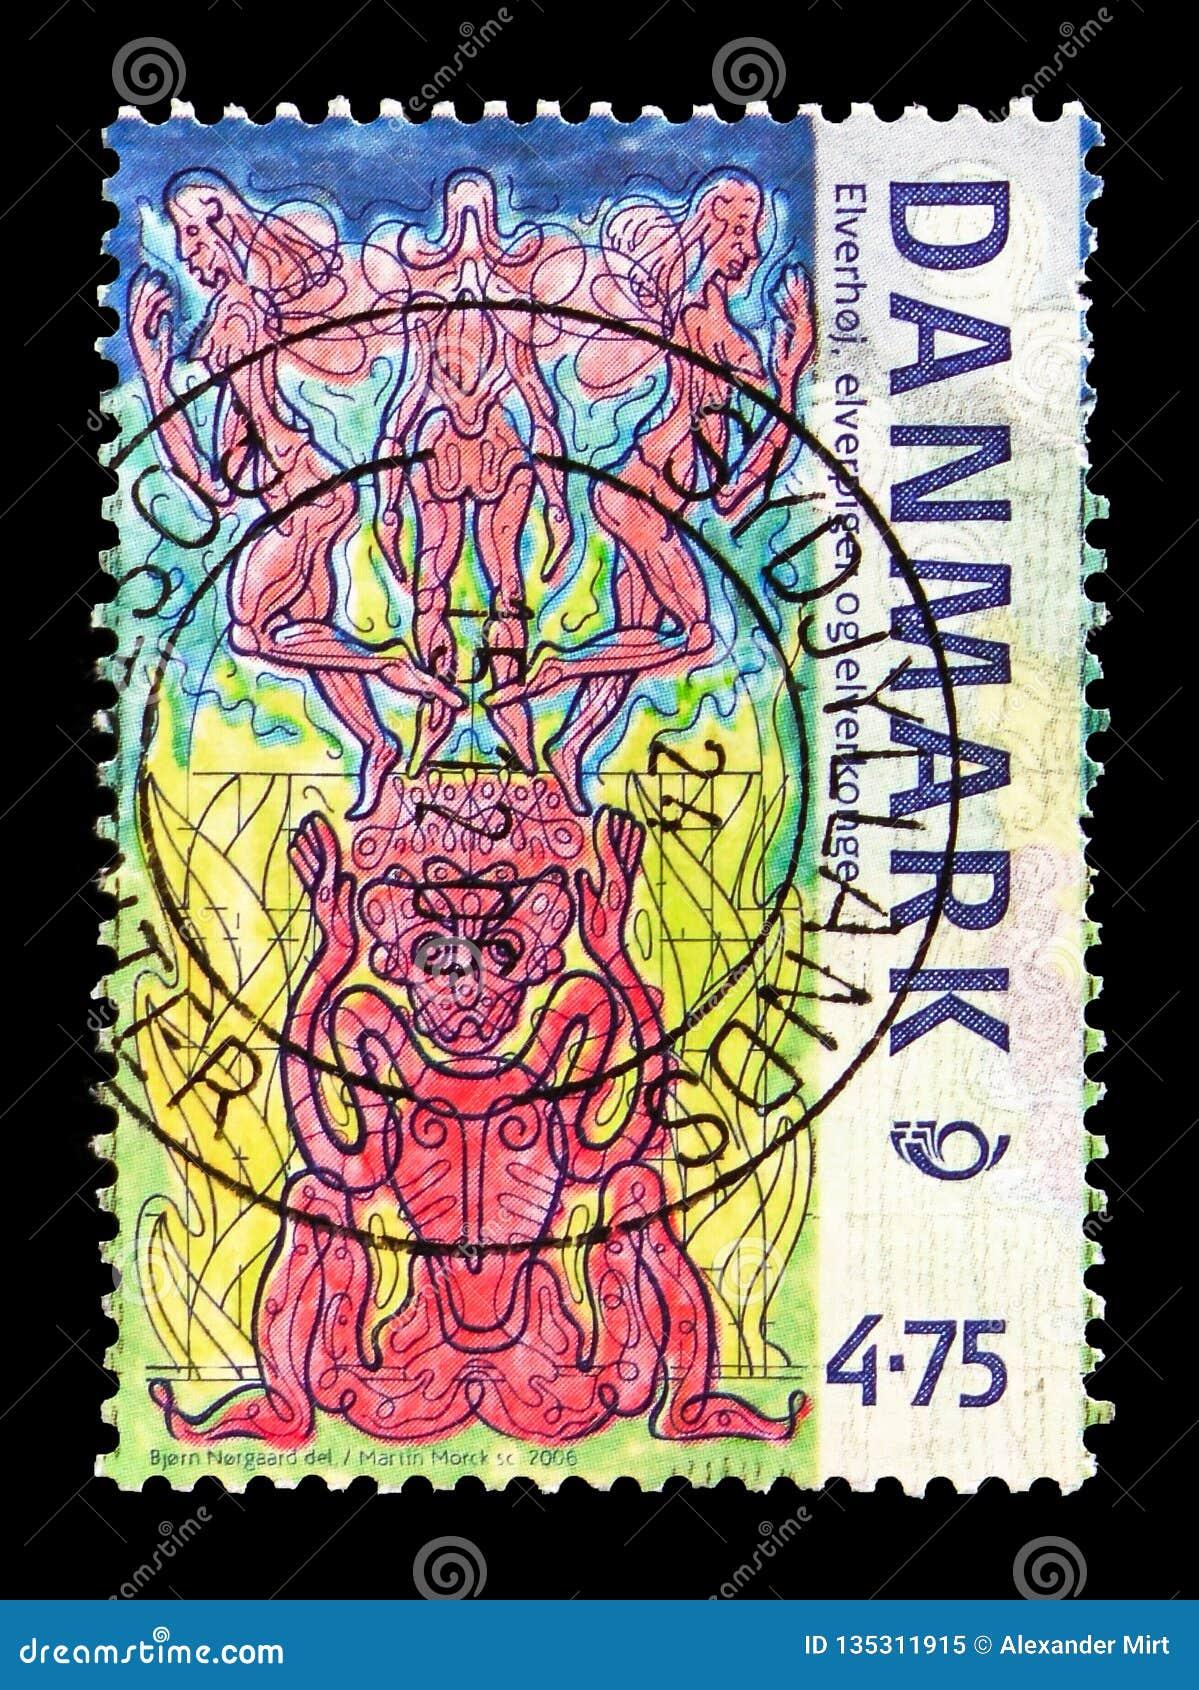 Noordse Mythologie, NORDEN - Samengebrachte Steden serie, circa 2006